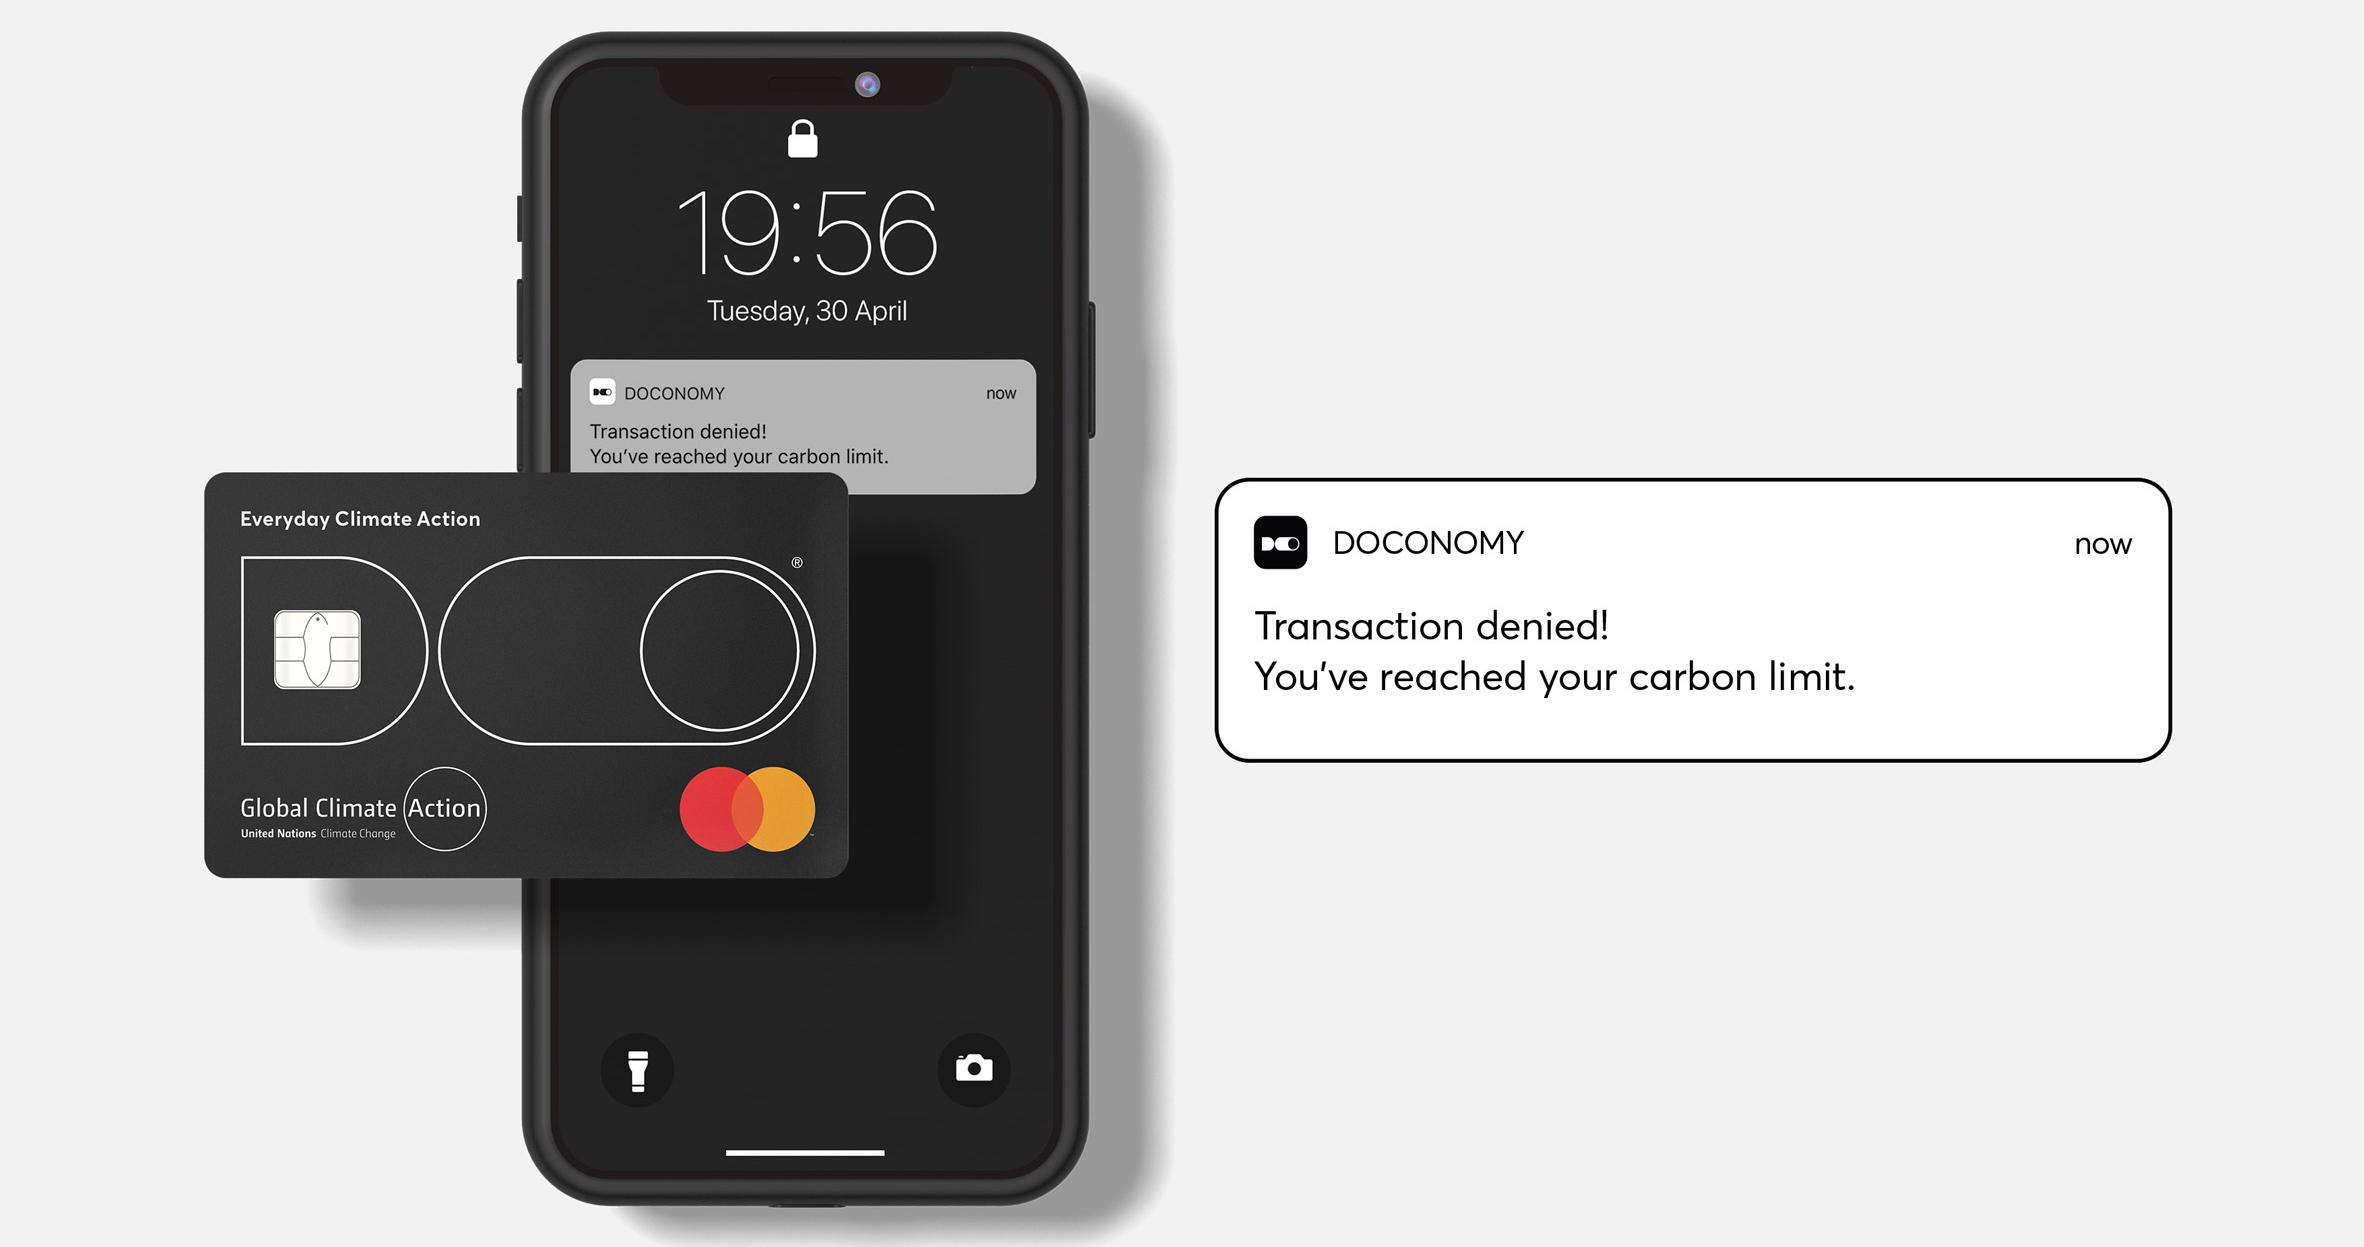 Doconomy: cartão de crédito baseado em emissões de CO2